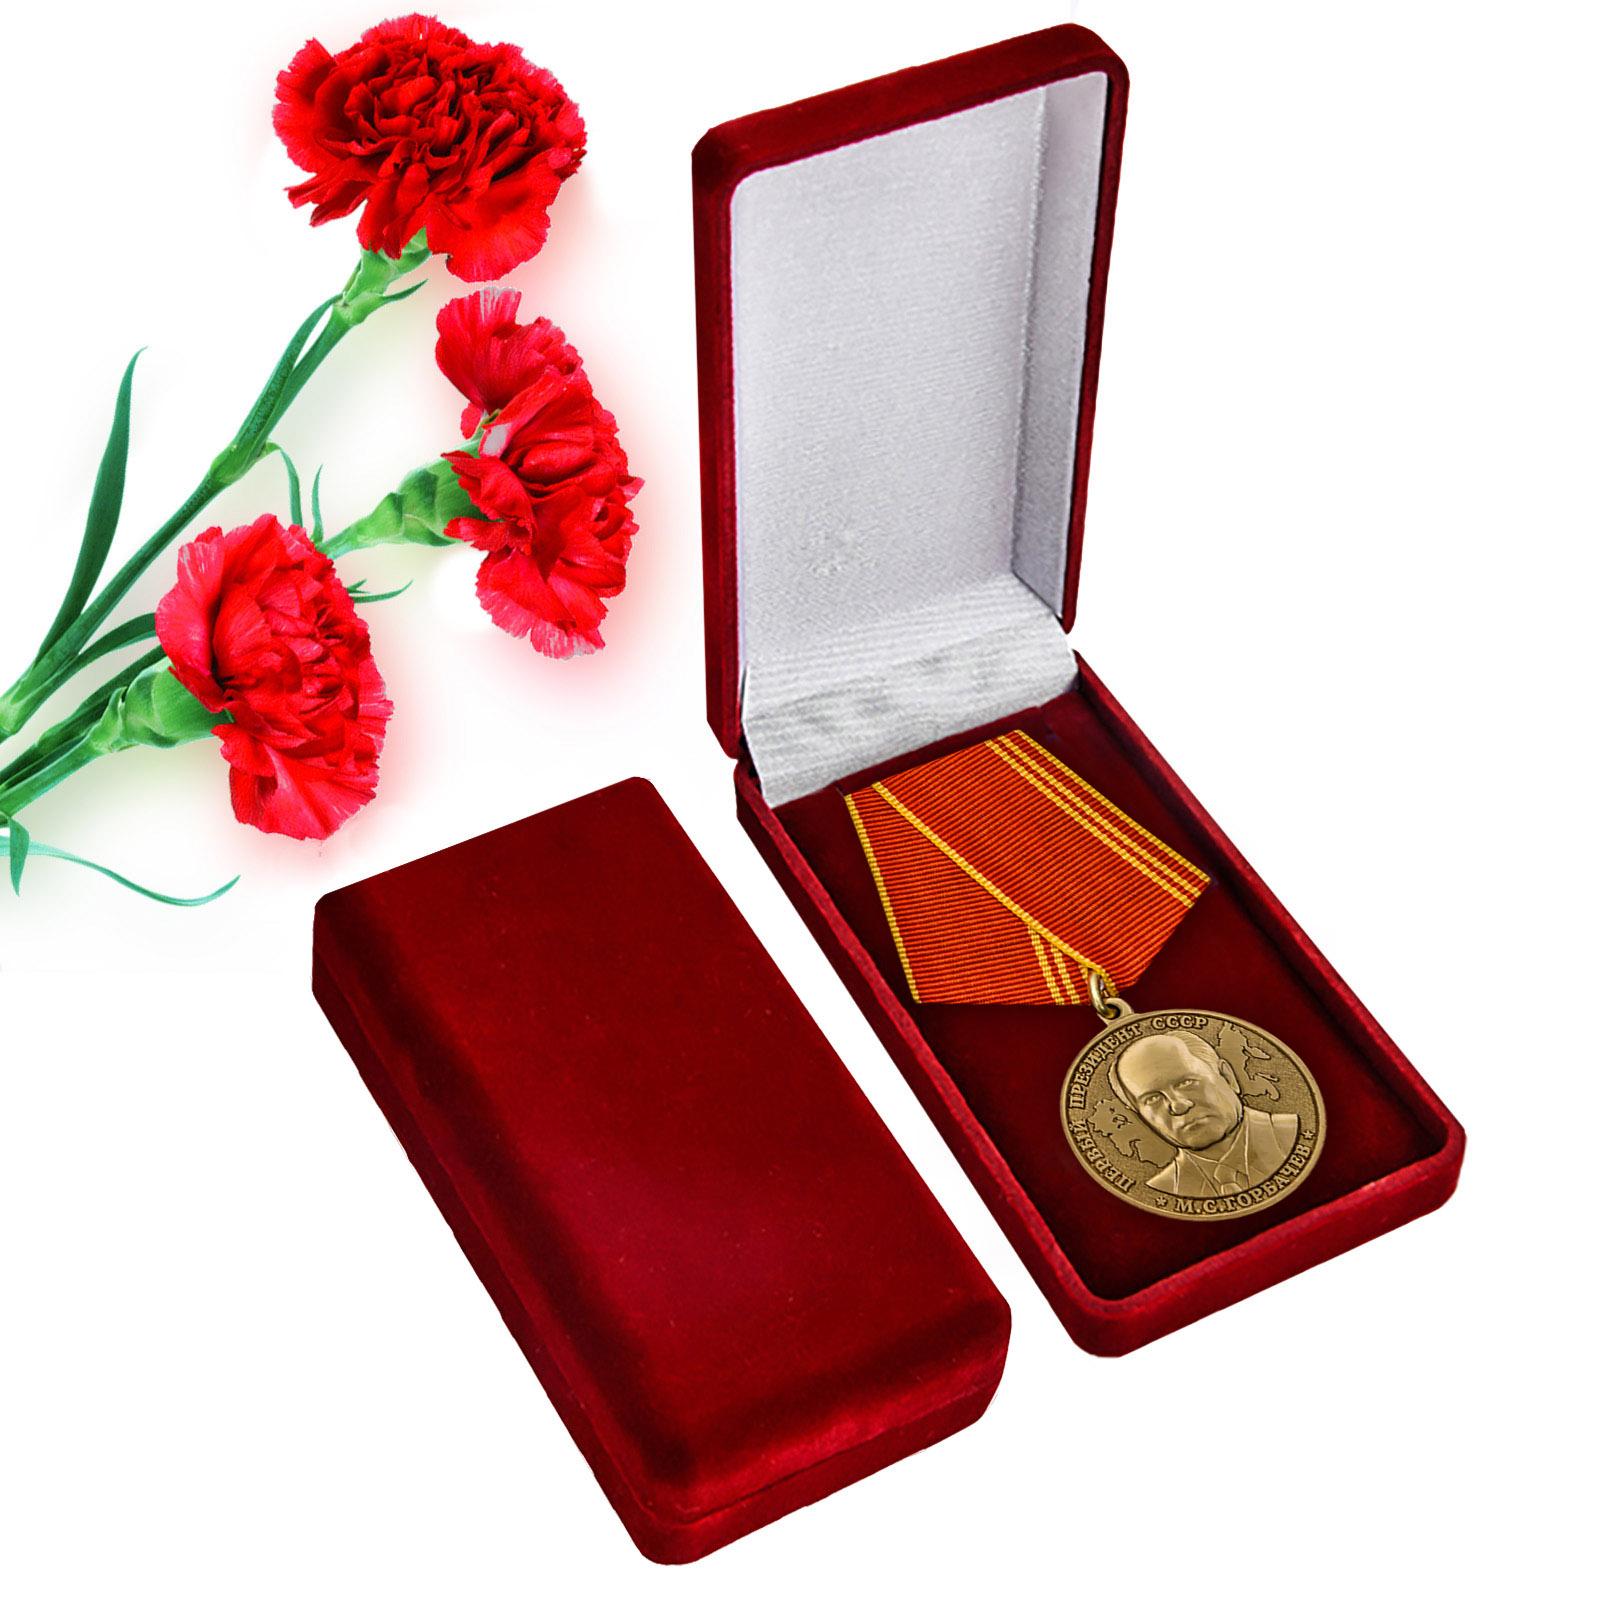 Купить медаль За особые заслуги Президент СССР Горбачев М.С. онлайн